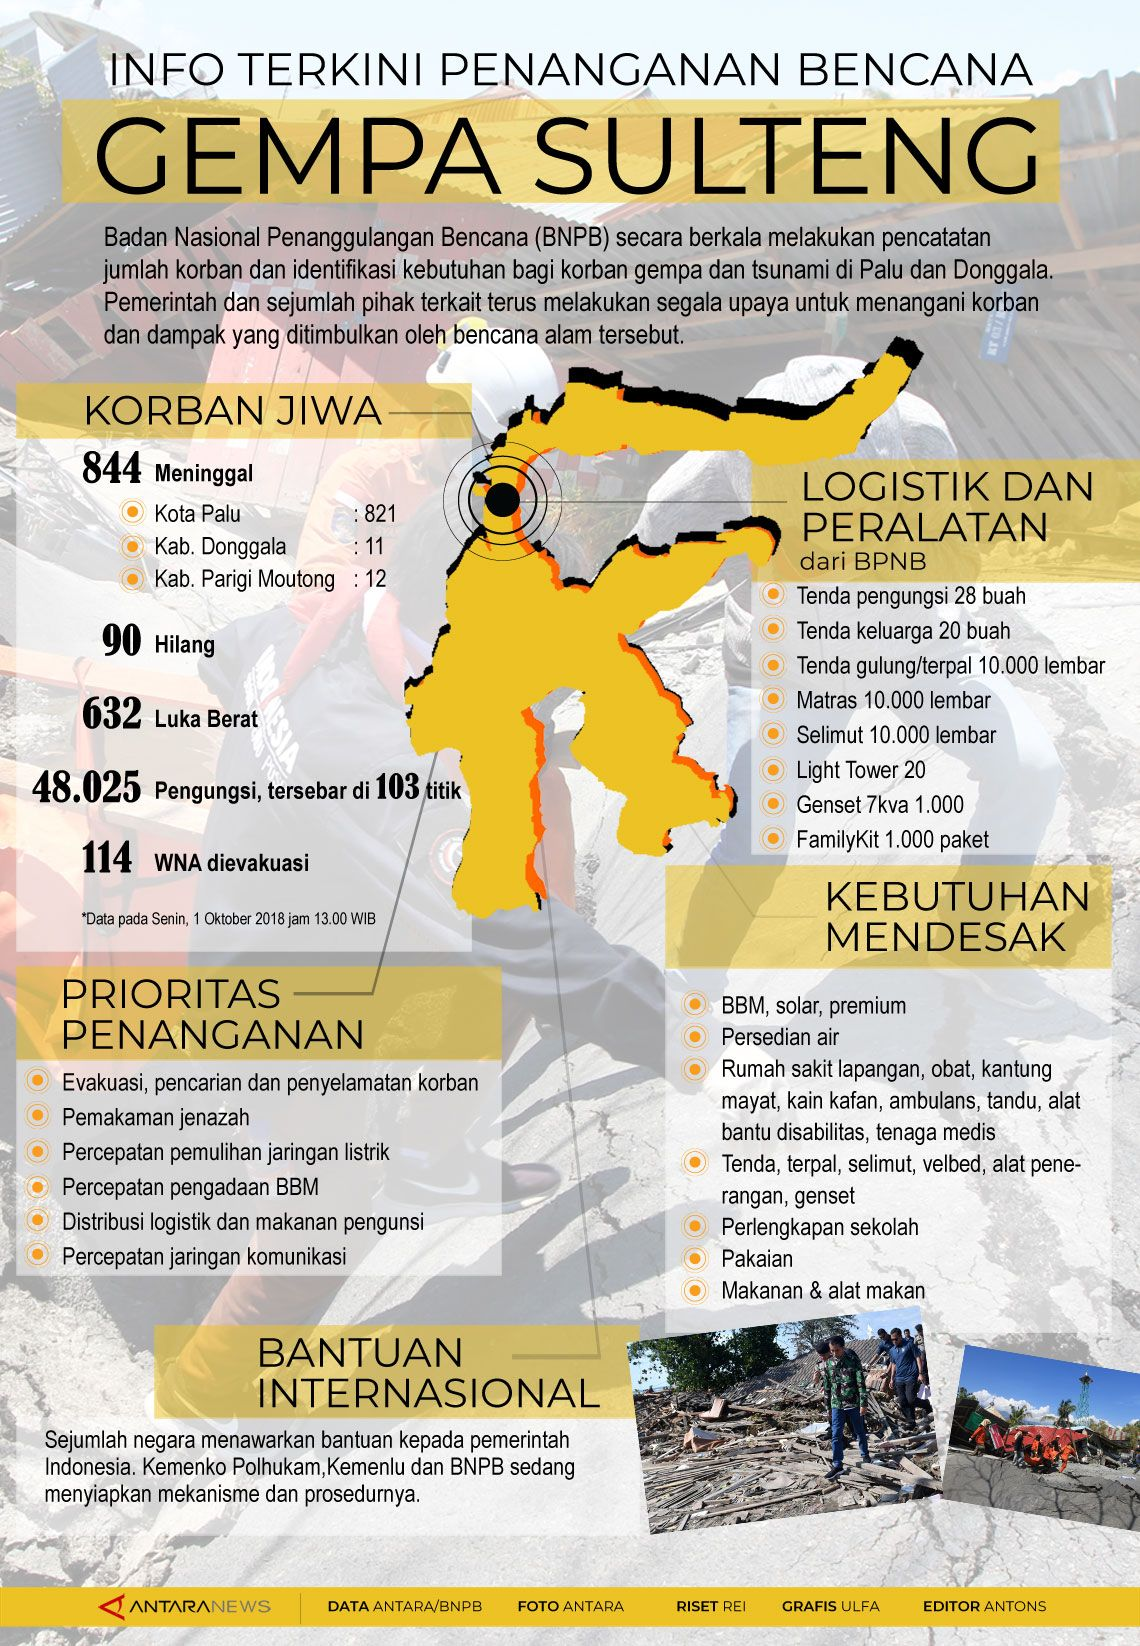 Info terkini penanganan bencana gempa Sulteng